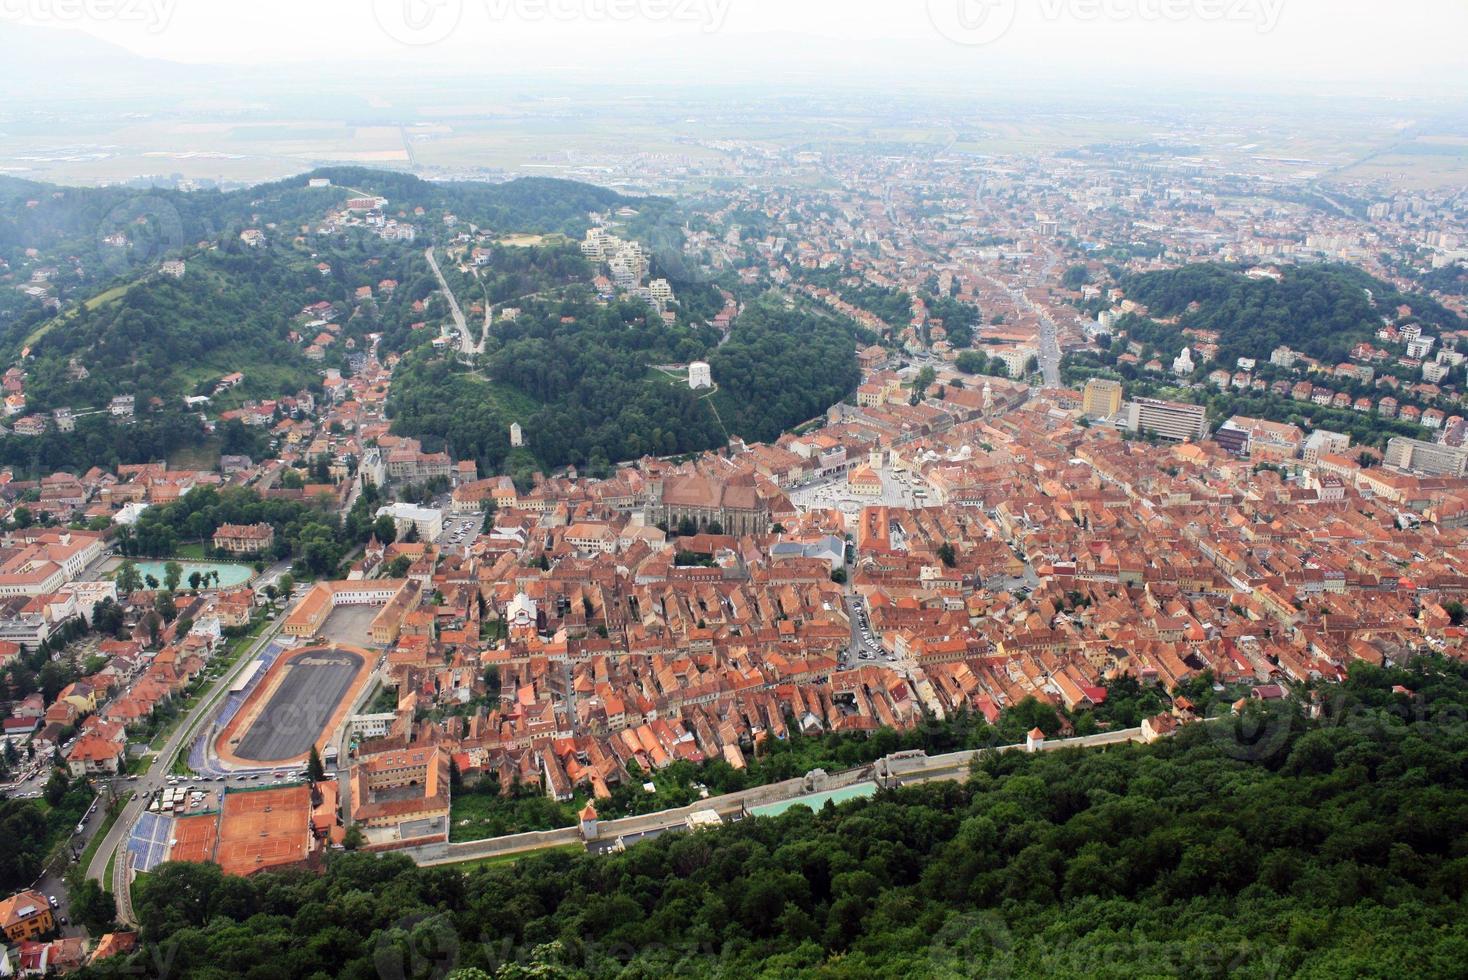 historisch centrum van Brasov, uitzicht vanaf de Tampa-heuvel foto